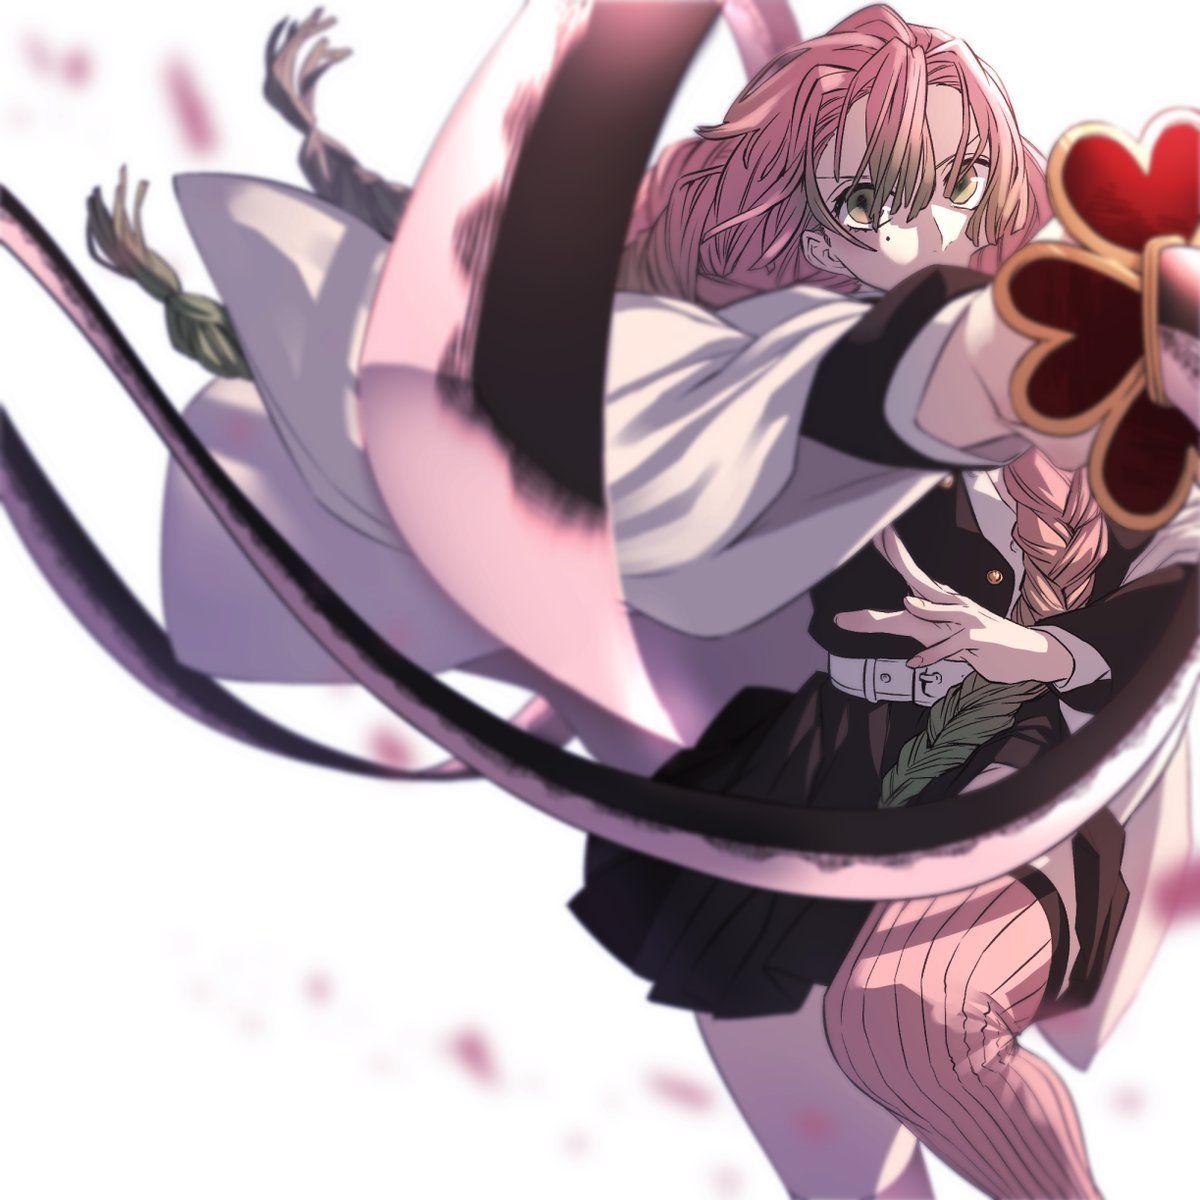 Kanroji Mitsuri Kimetsu No Yaiba Demonslayer Characters Design Drawing Manga Art Anime Animestyle Animegirl Anime Demon Anime Slayer Anime The version i recommend the most is 100cm. anime demon anime slayer anime